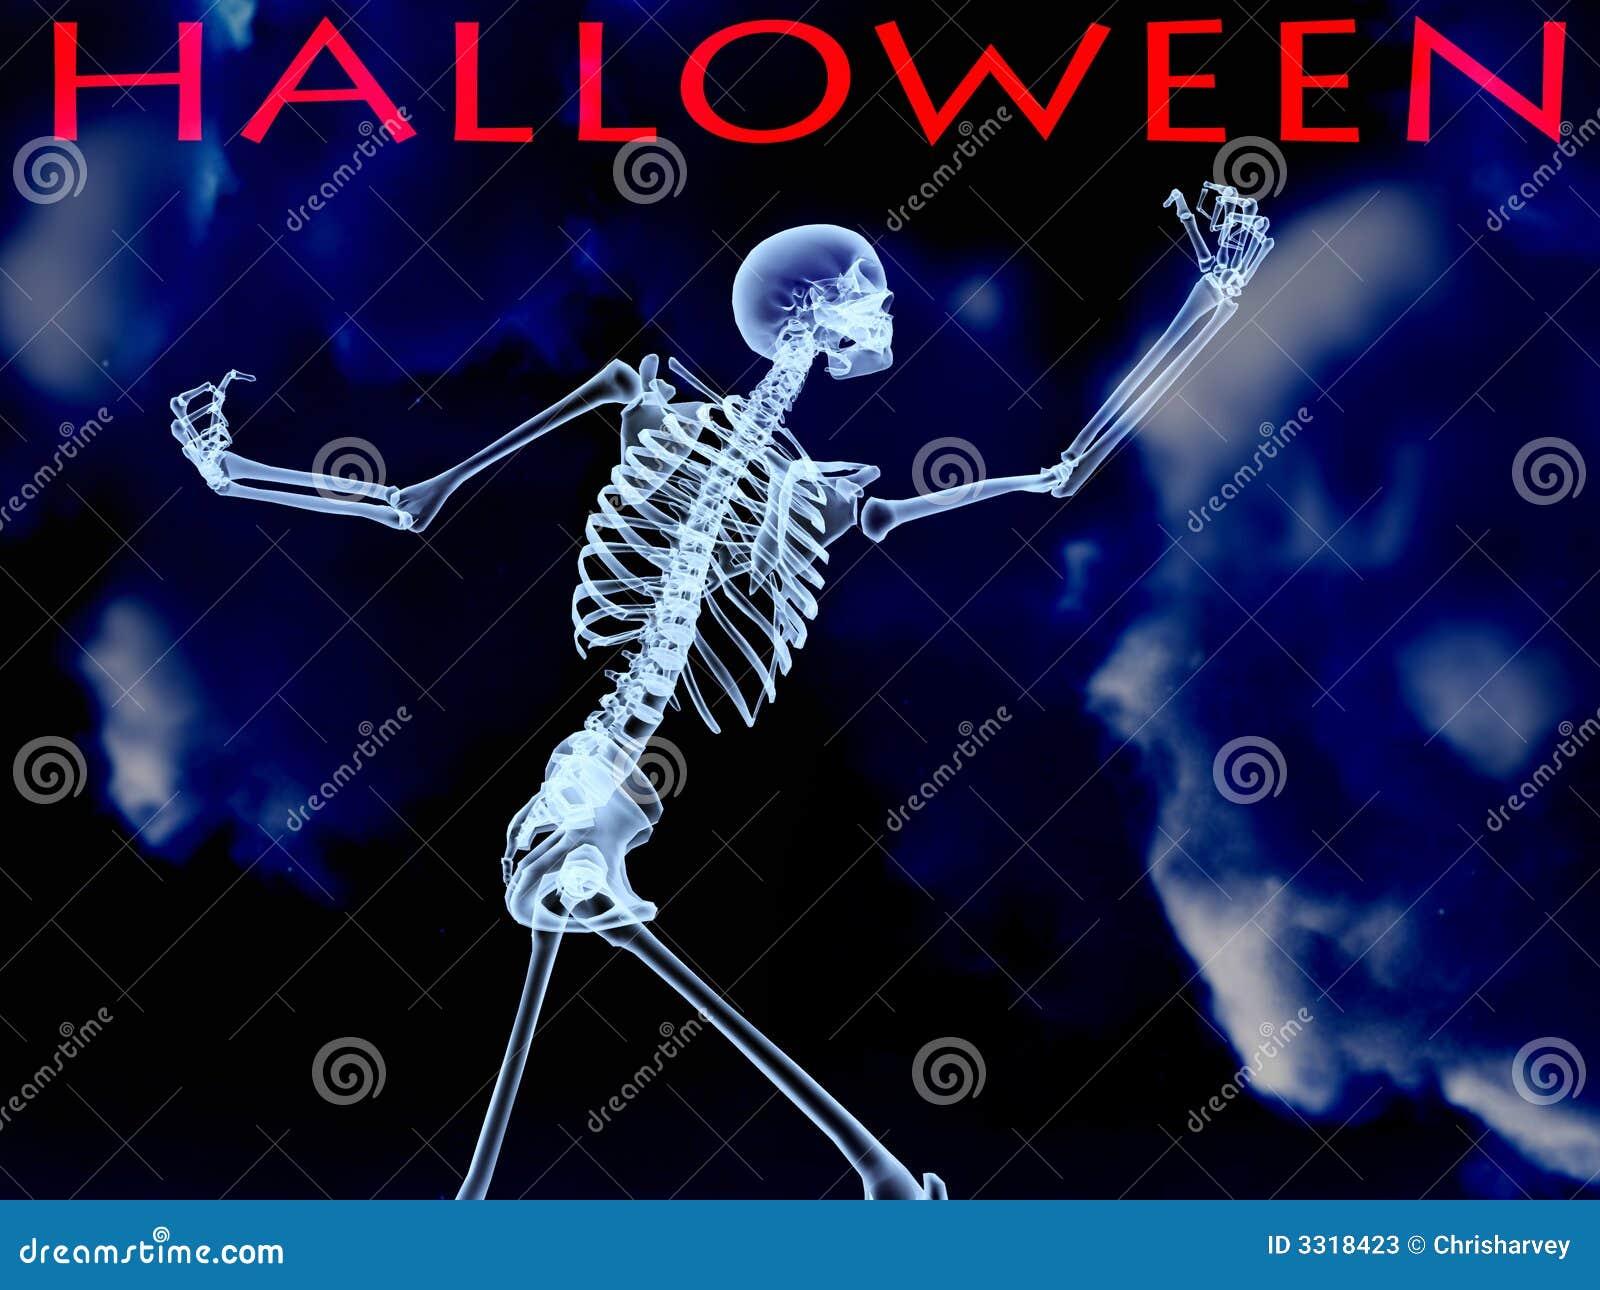 Halloween Xray Bone stock illustration. Illustration of